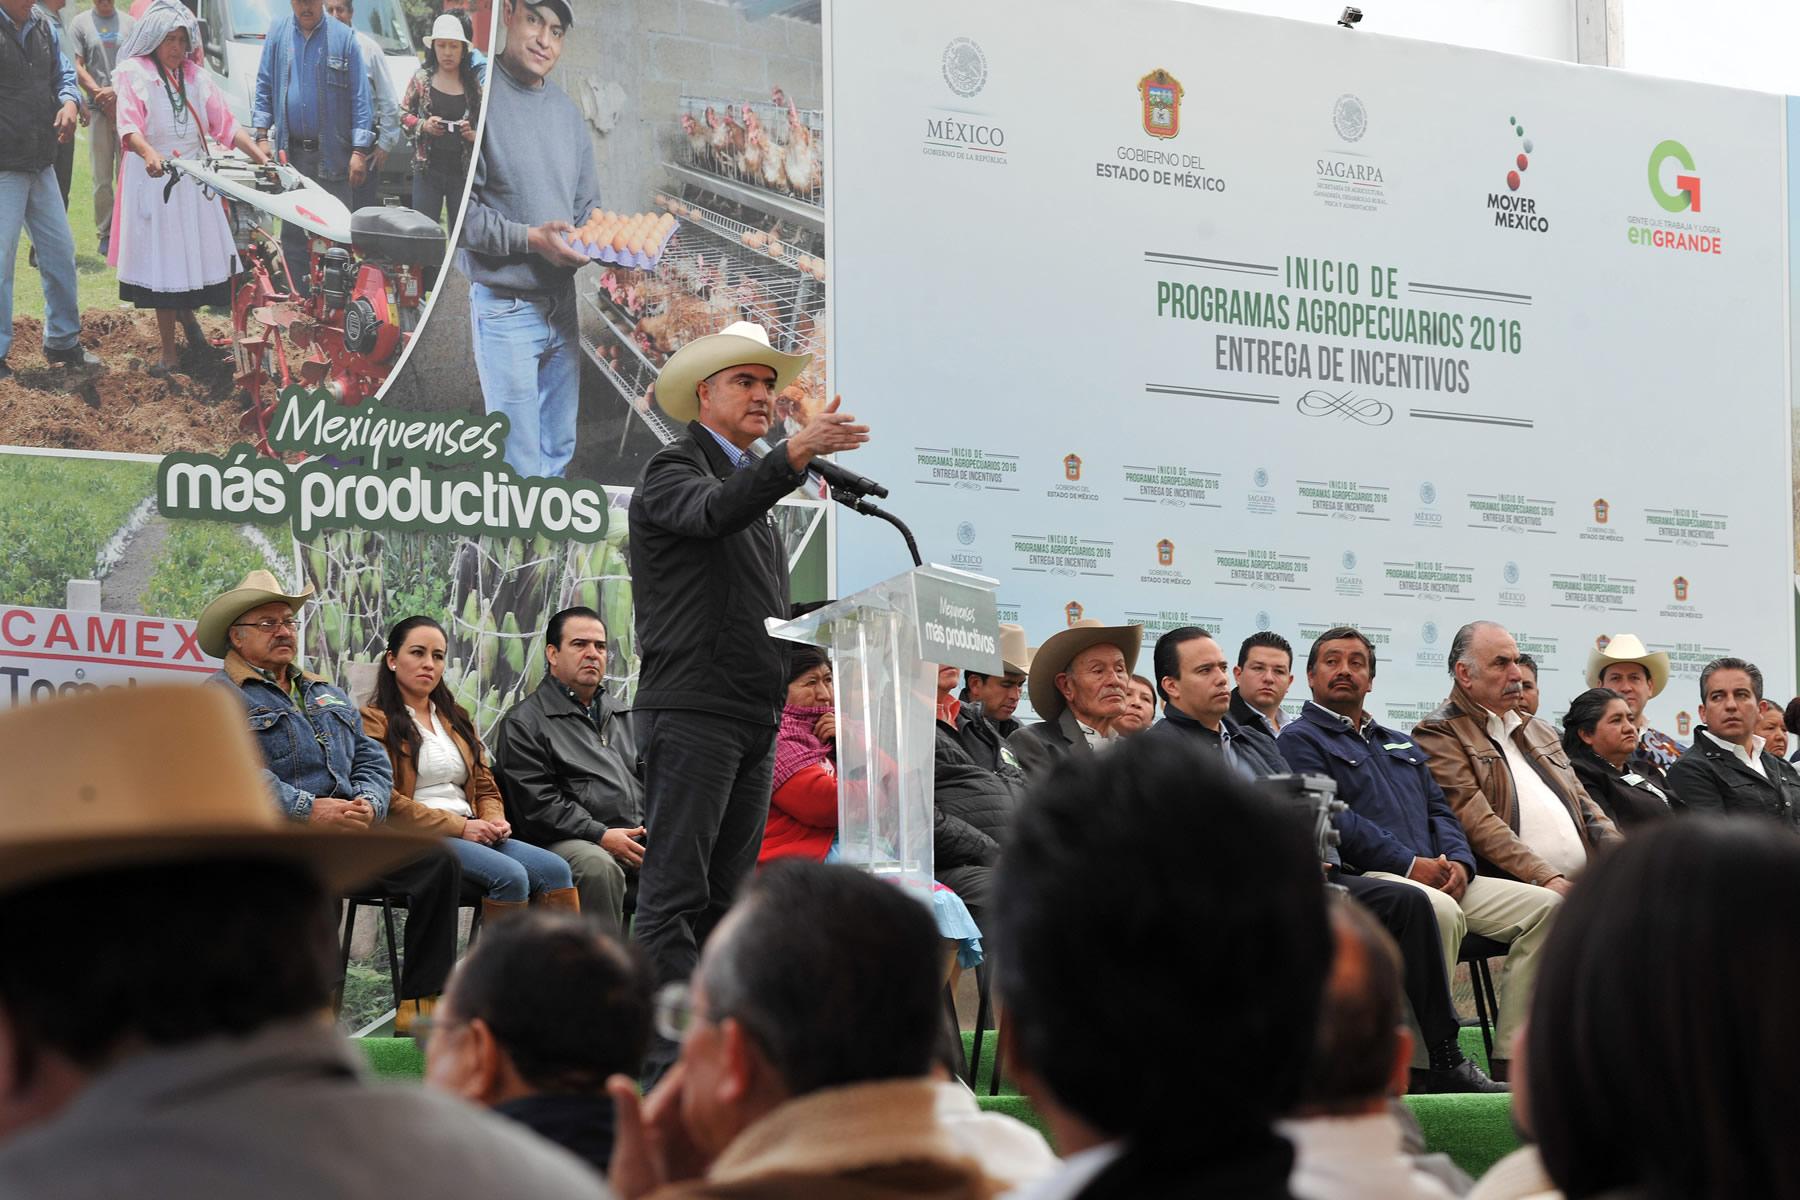 El secretario José Calzada Rovirosa y el gobernador Eruviel Ávila Villegas dieron arranque al Programa Agropecuario 2016.